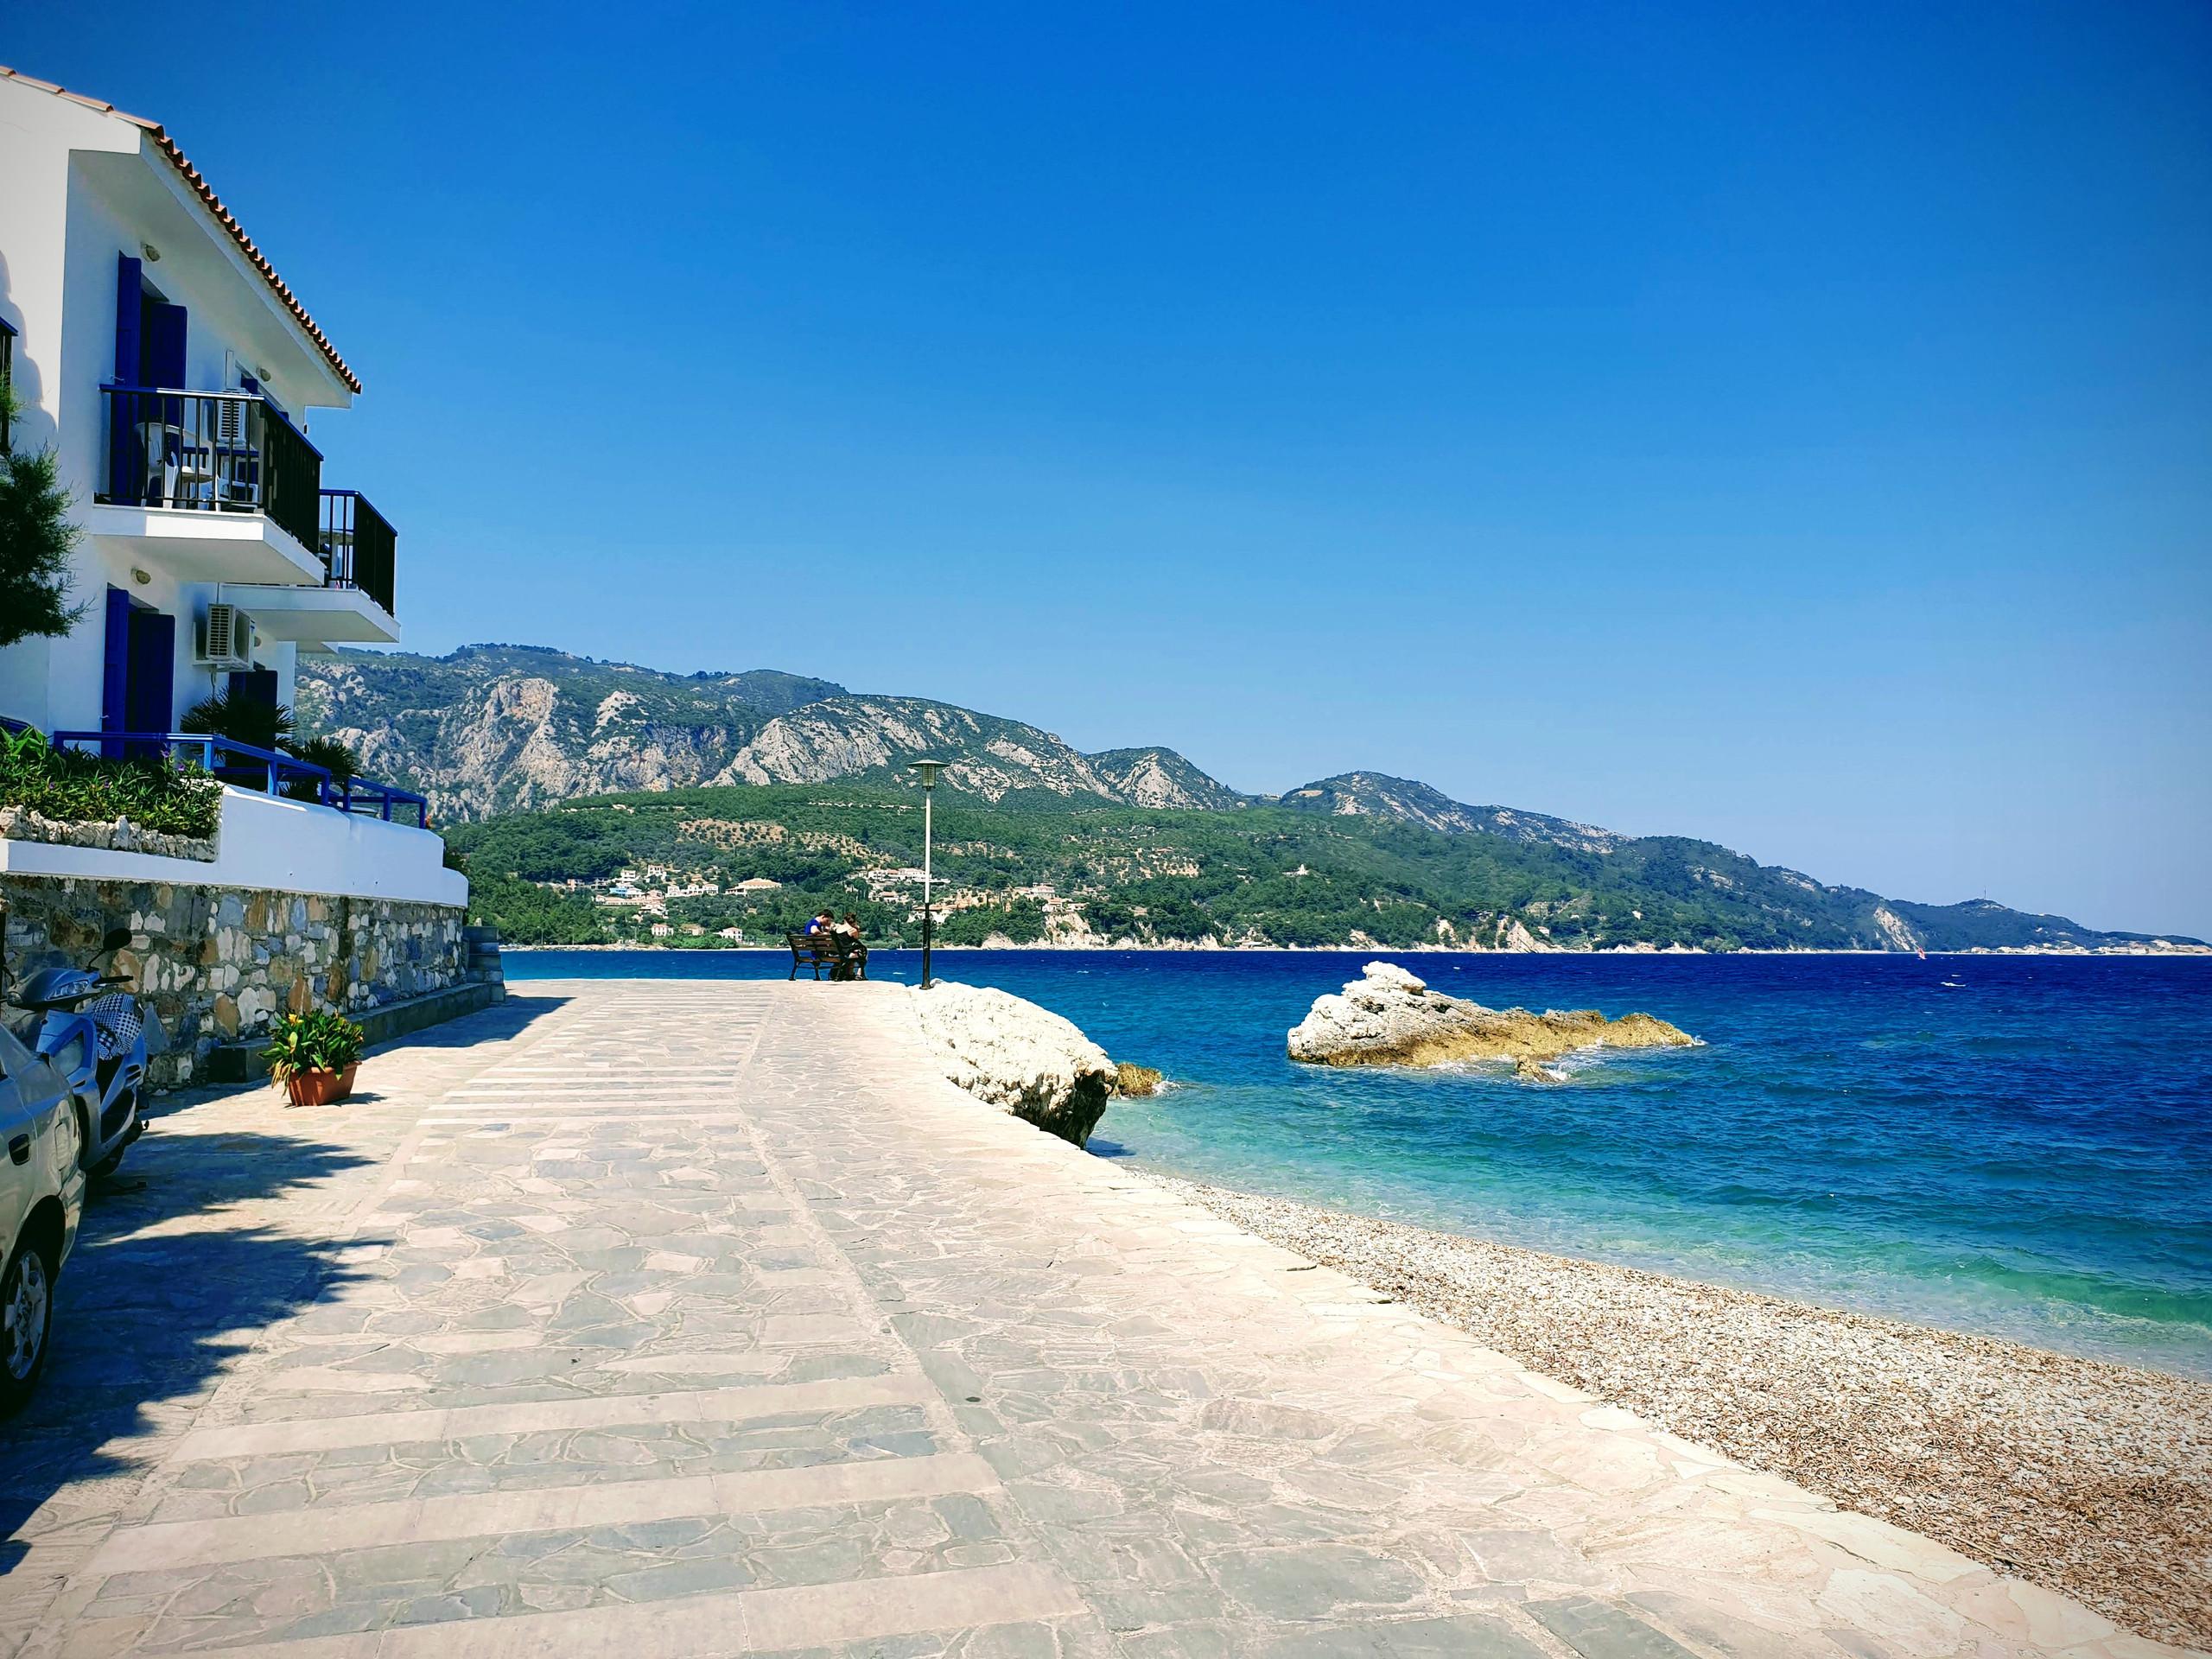 קו החוף בקוקארי, תמונת הדגל של הבלוג, סאמנוס, יוון